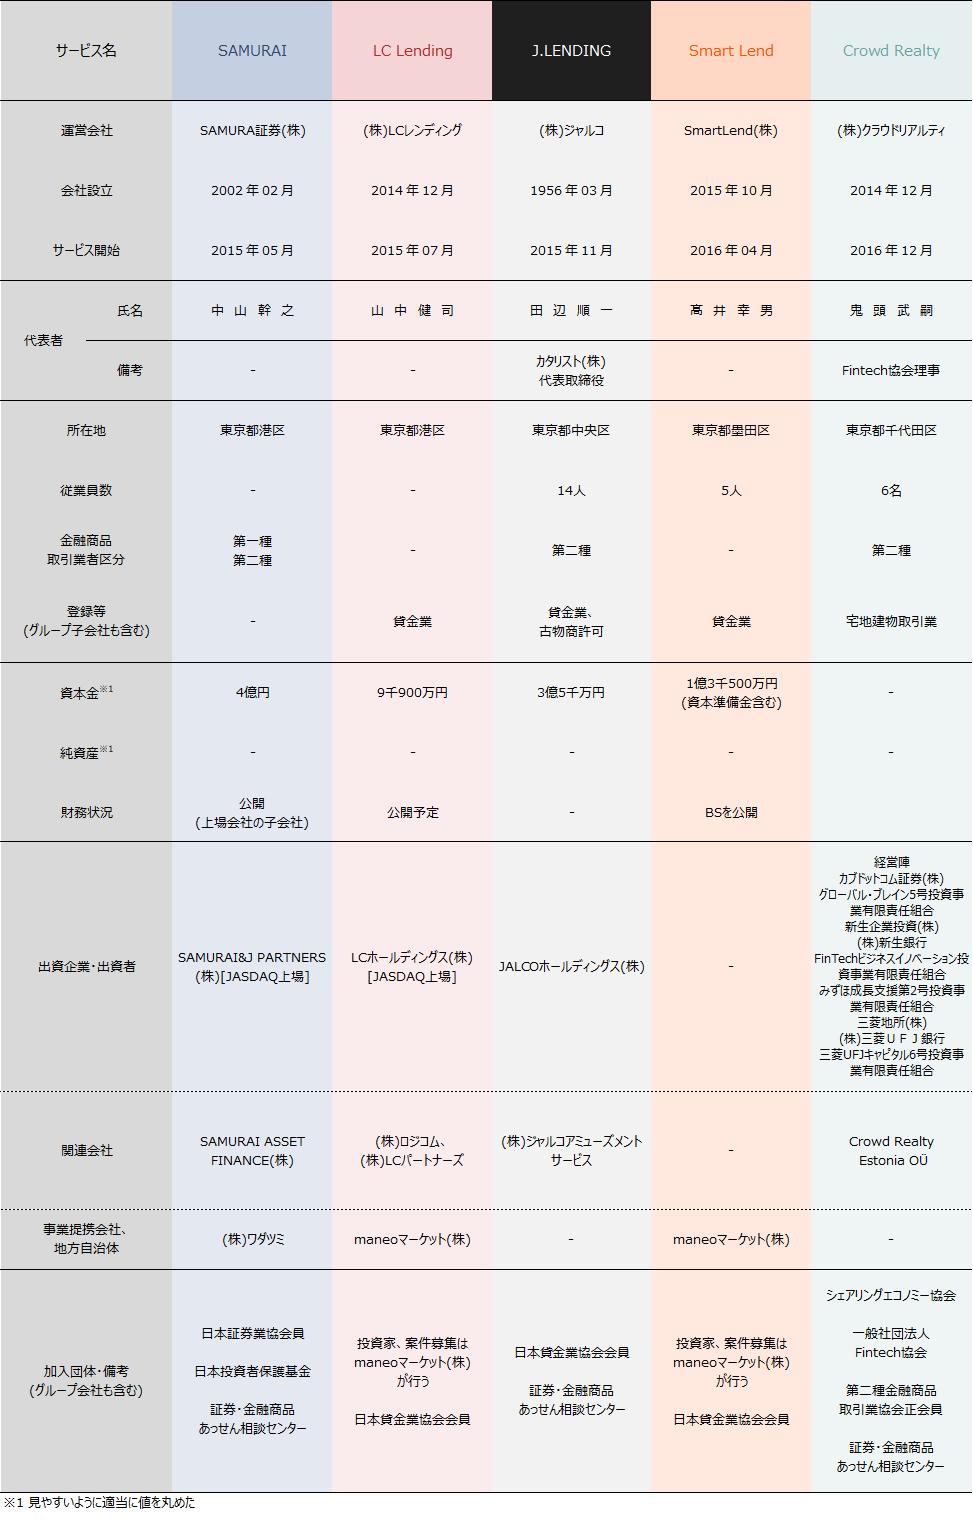 02_ソーシャルレンディング会社比較2019年6月